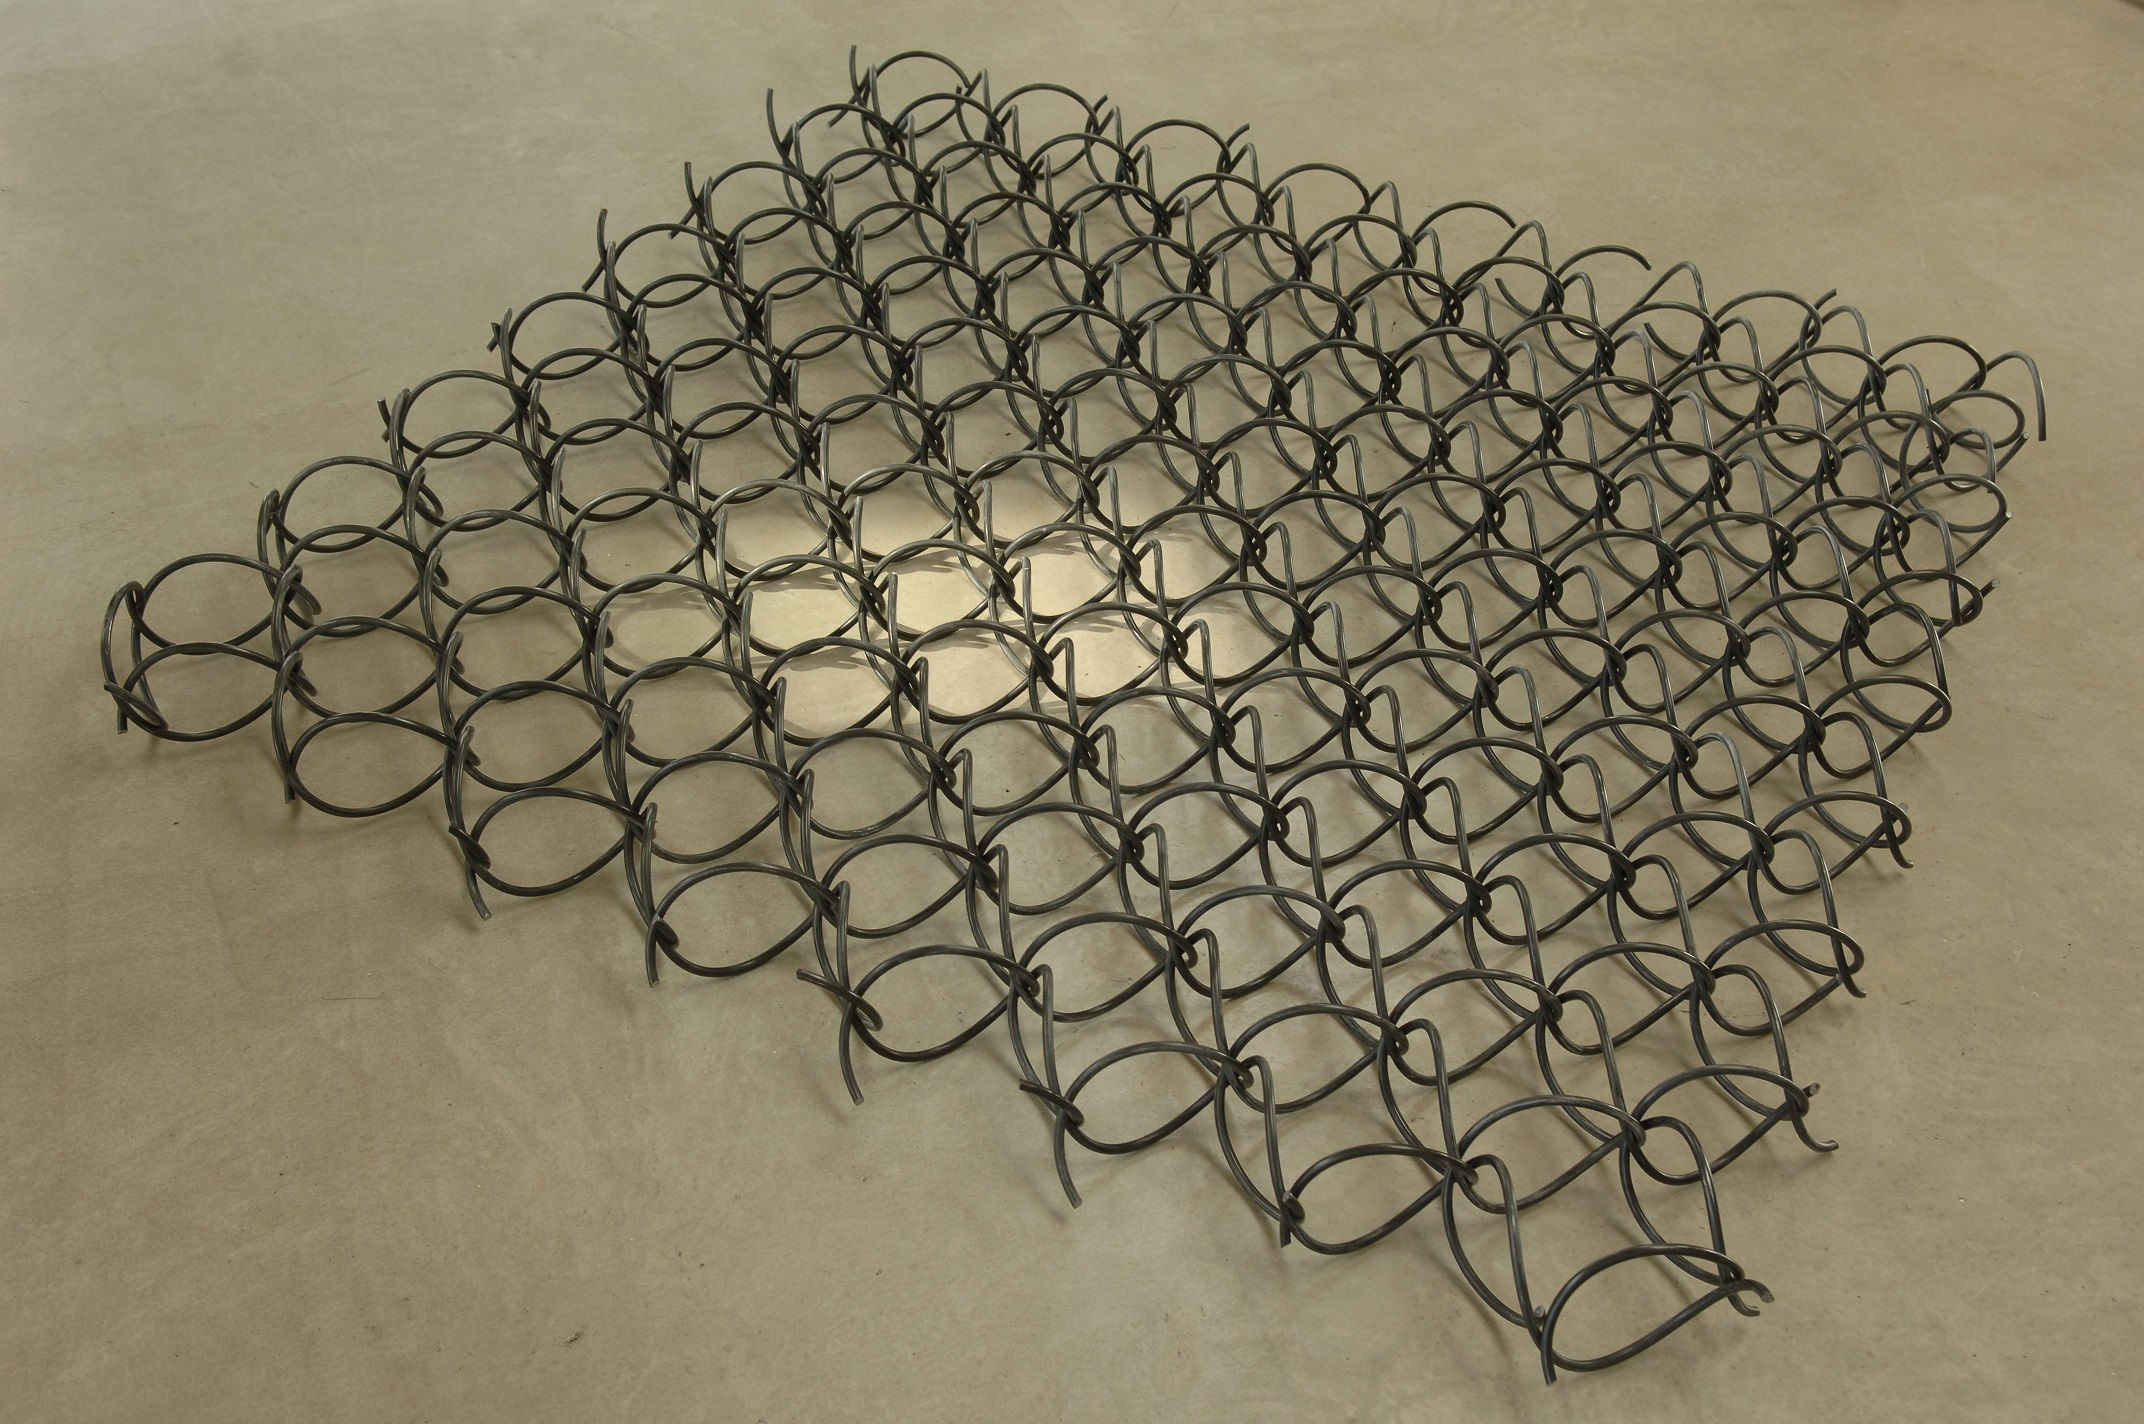 Spiralengeflecht mehrteilige dreidimensional ineinander eingedrehte Spiralen aus Rundstahl 12 mm L x B 6.0 x 6.0 m Höhe 1.8 m